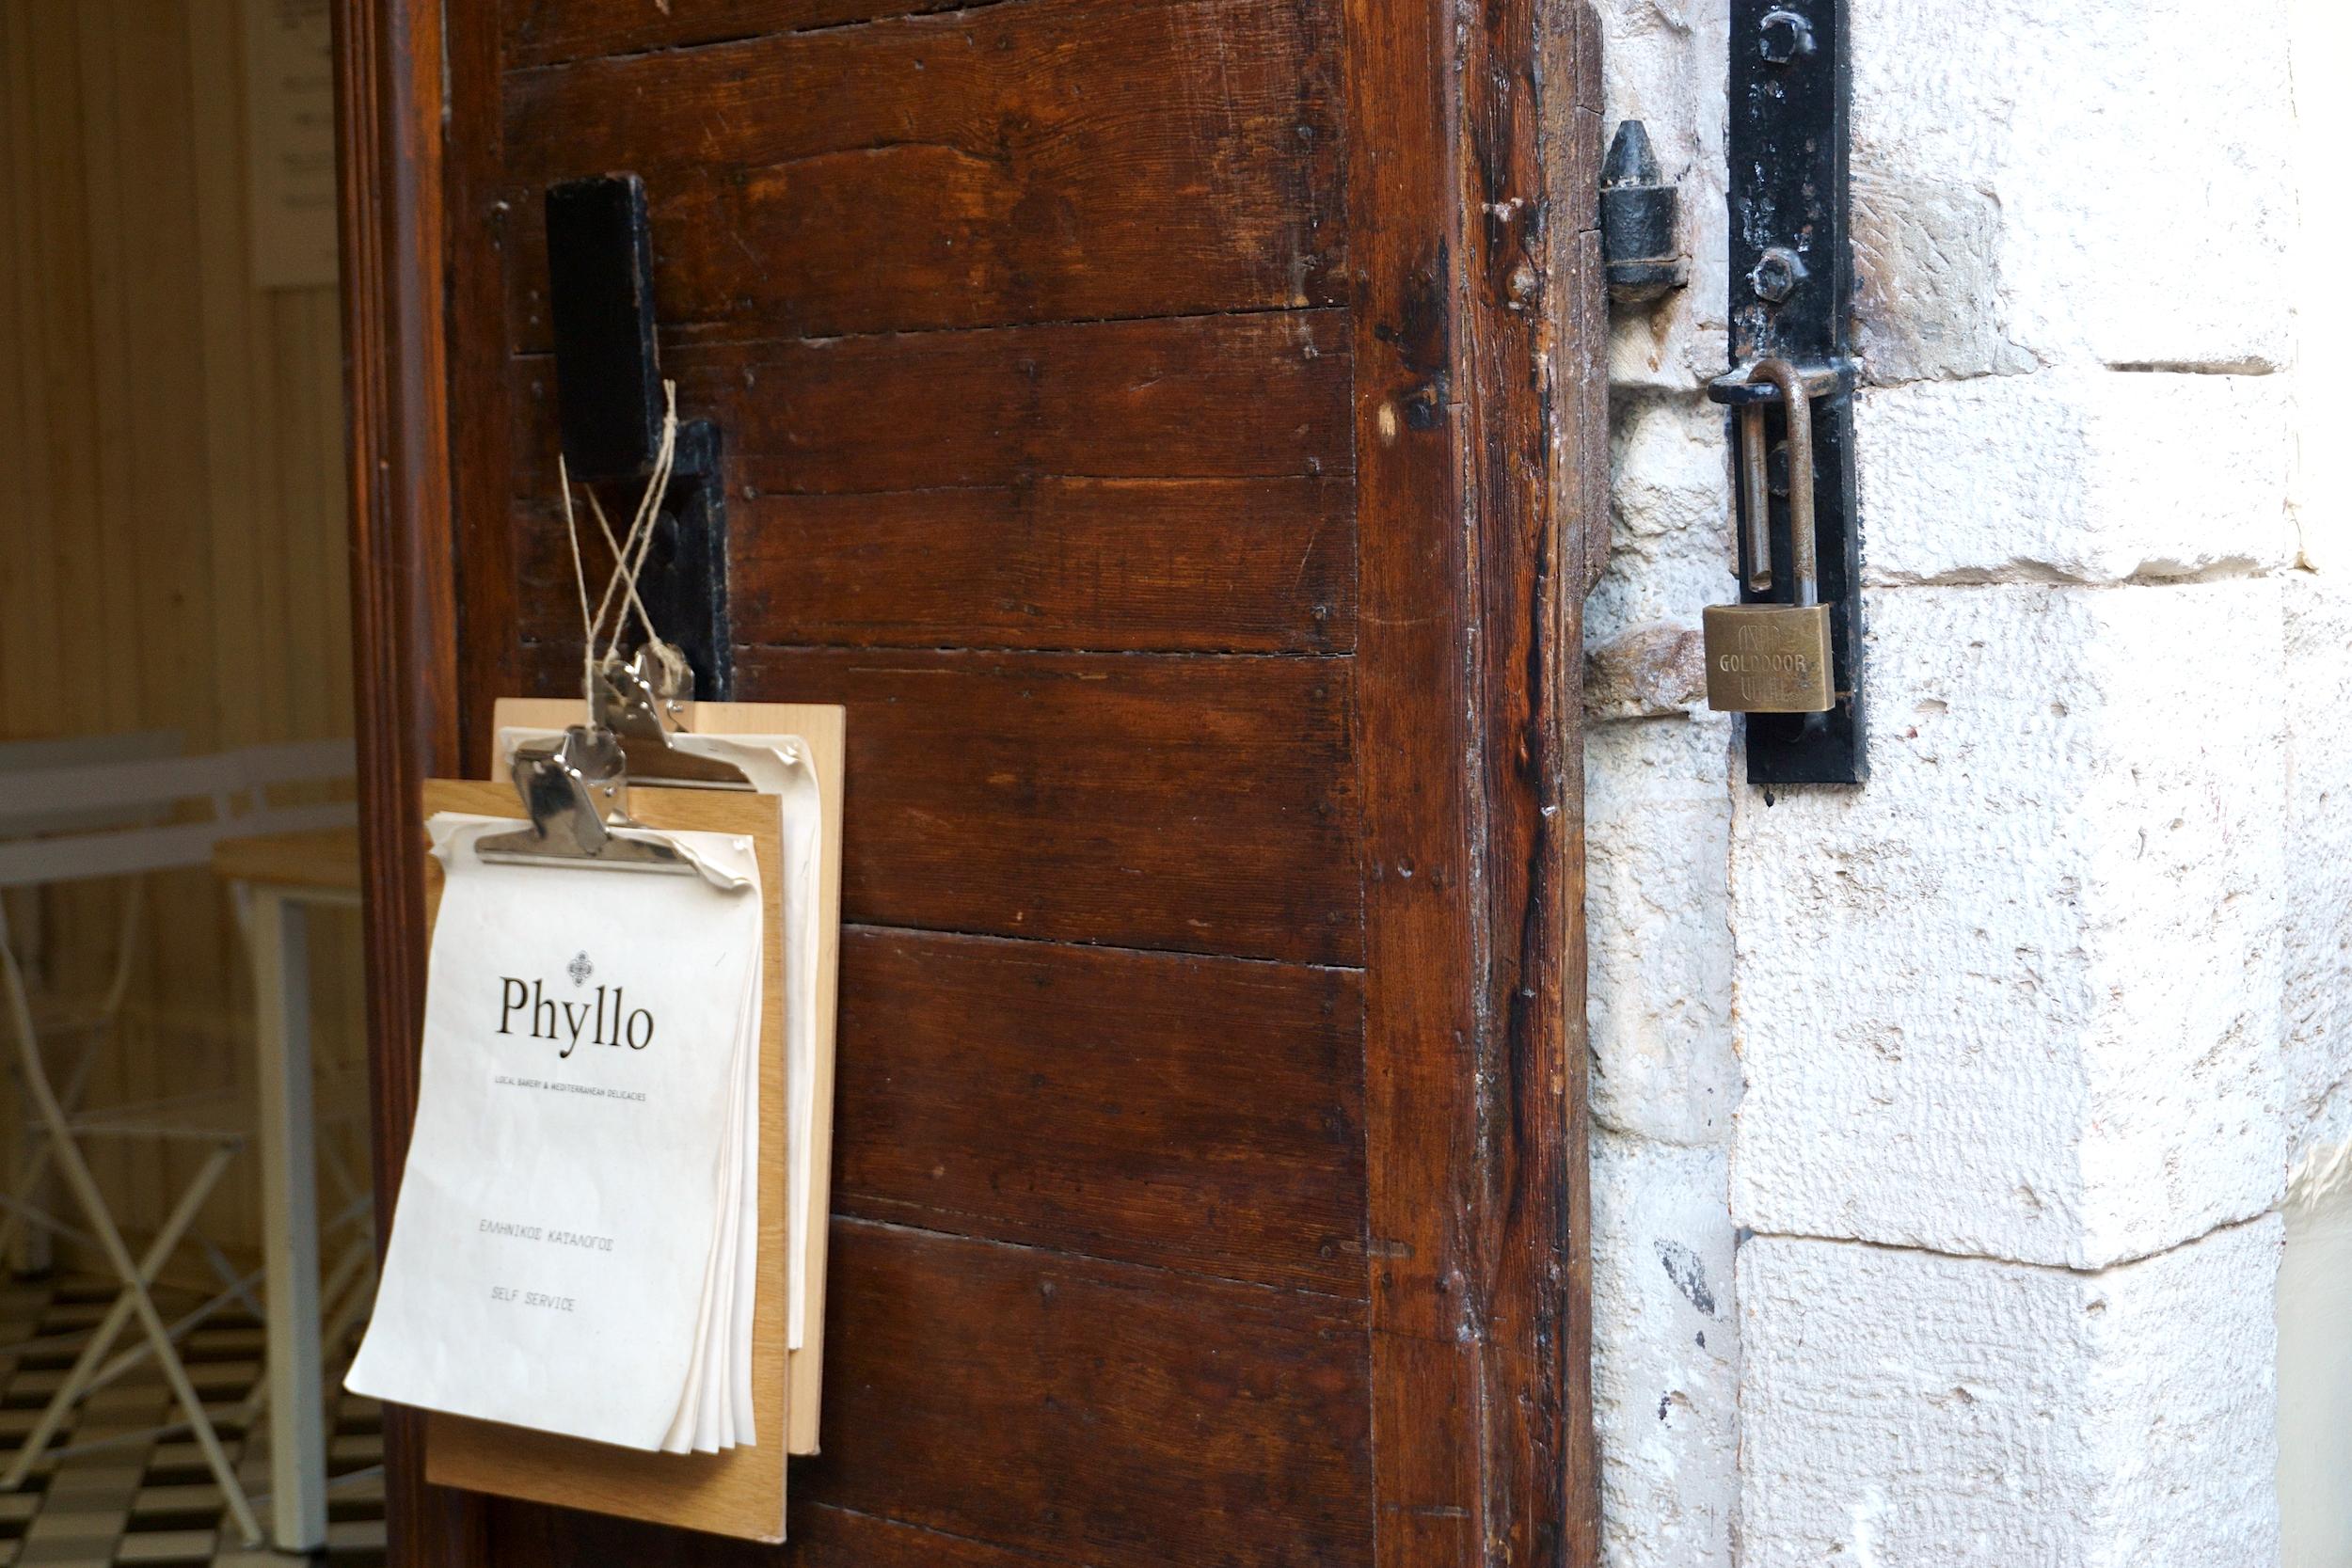 Phyllo-Bakery-Chania.JPG